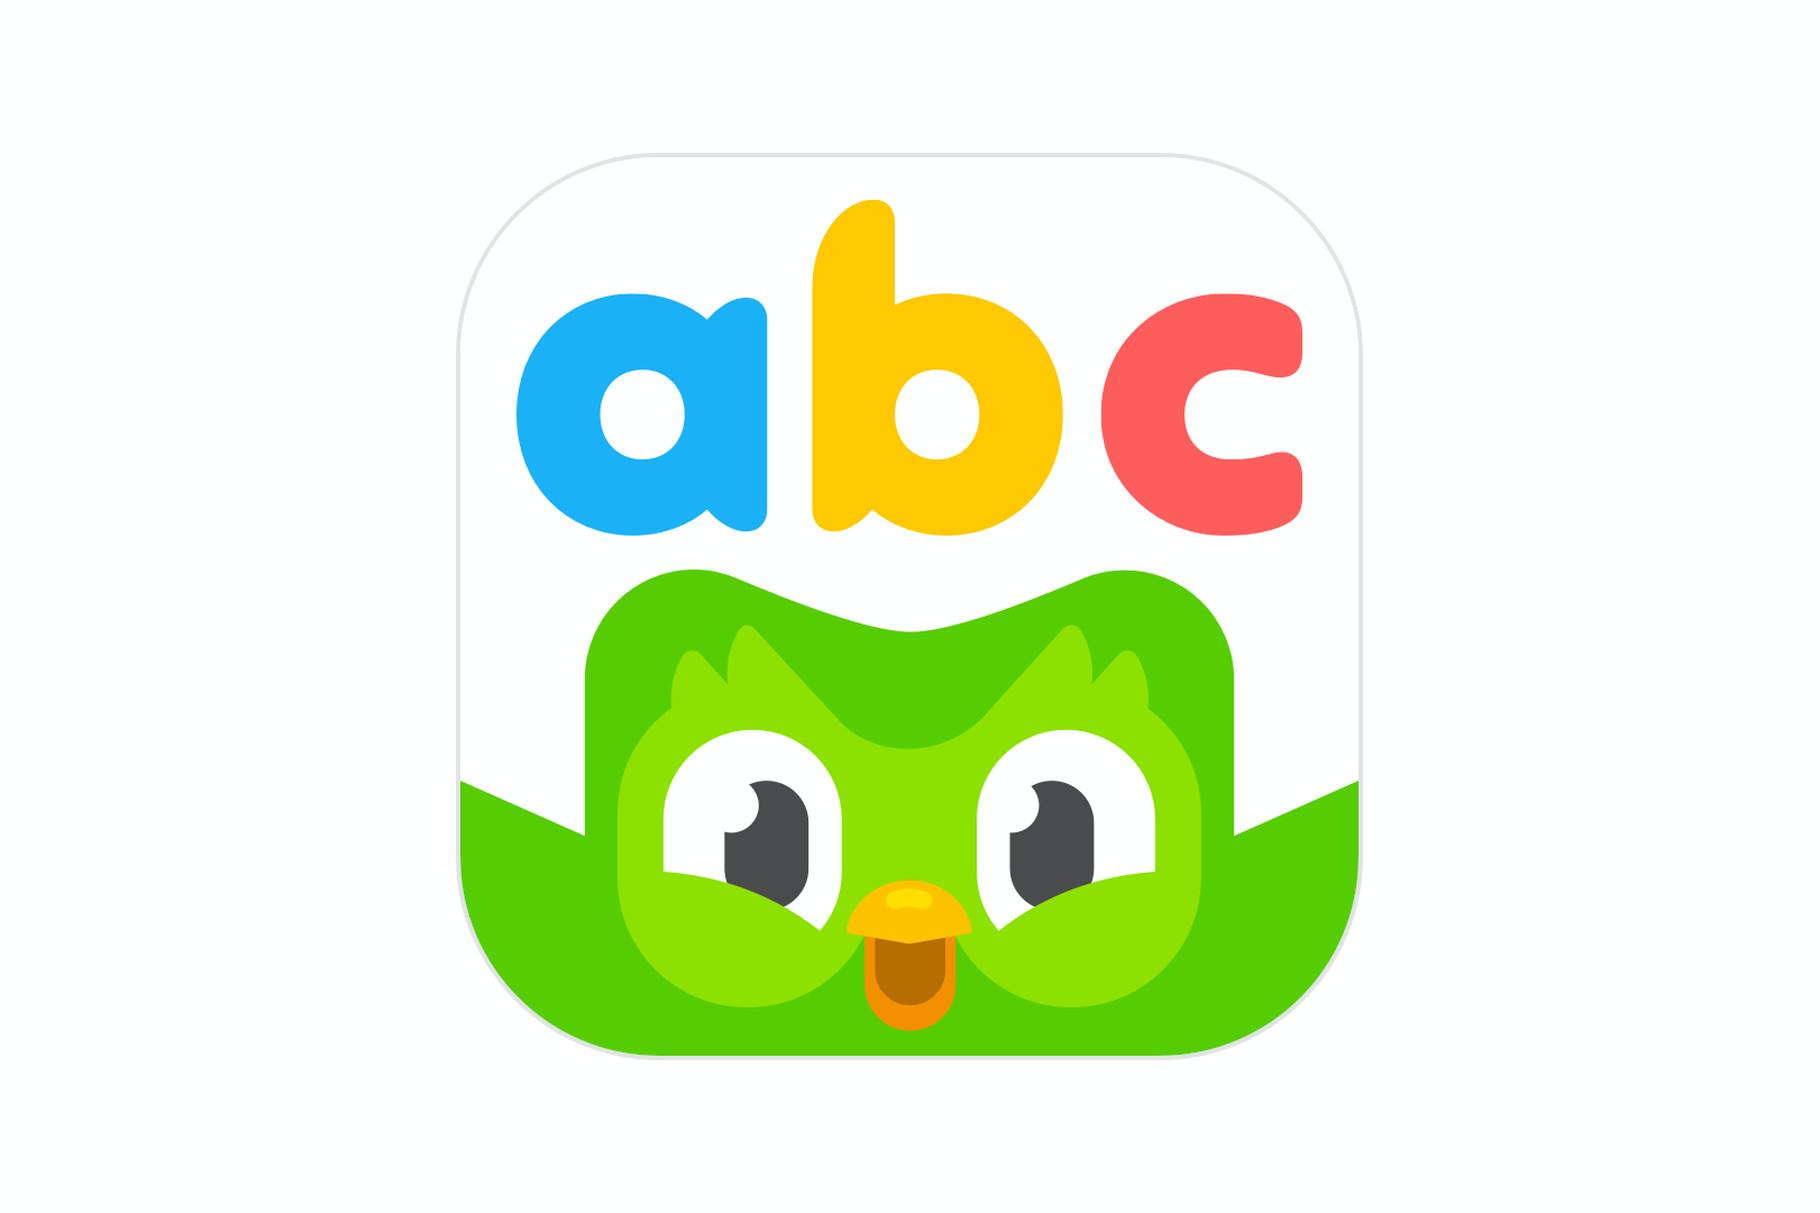 Duolingo ABC là một ứng dụng iOS miễn phí giúp trẻ học đọc 1